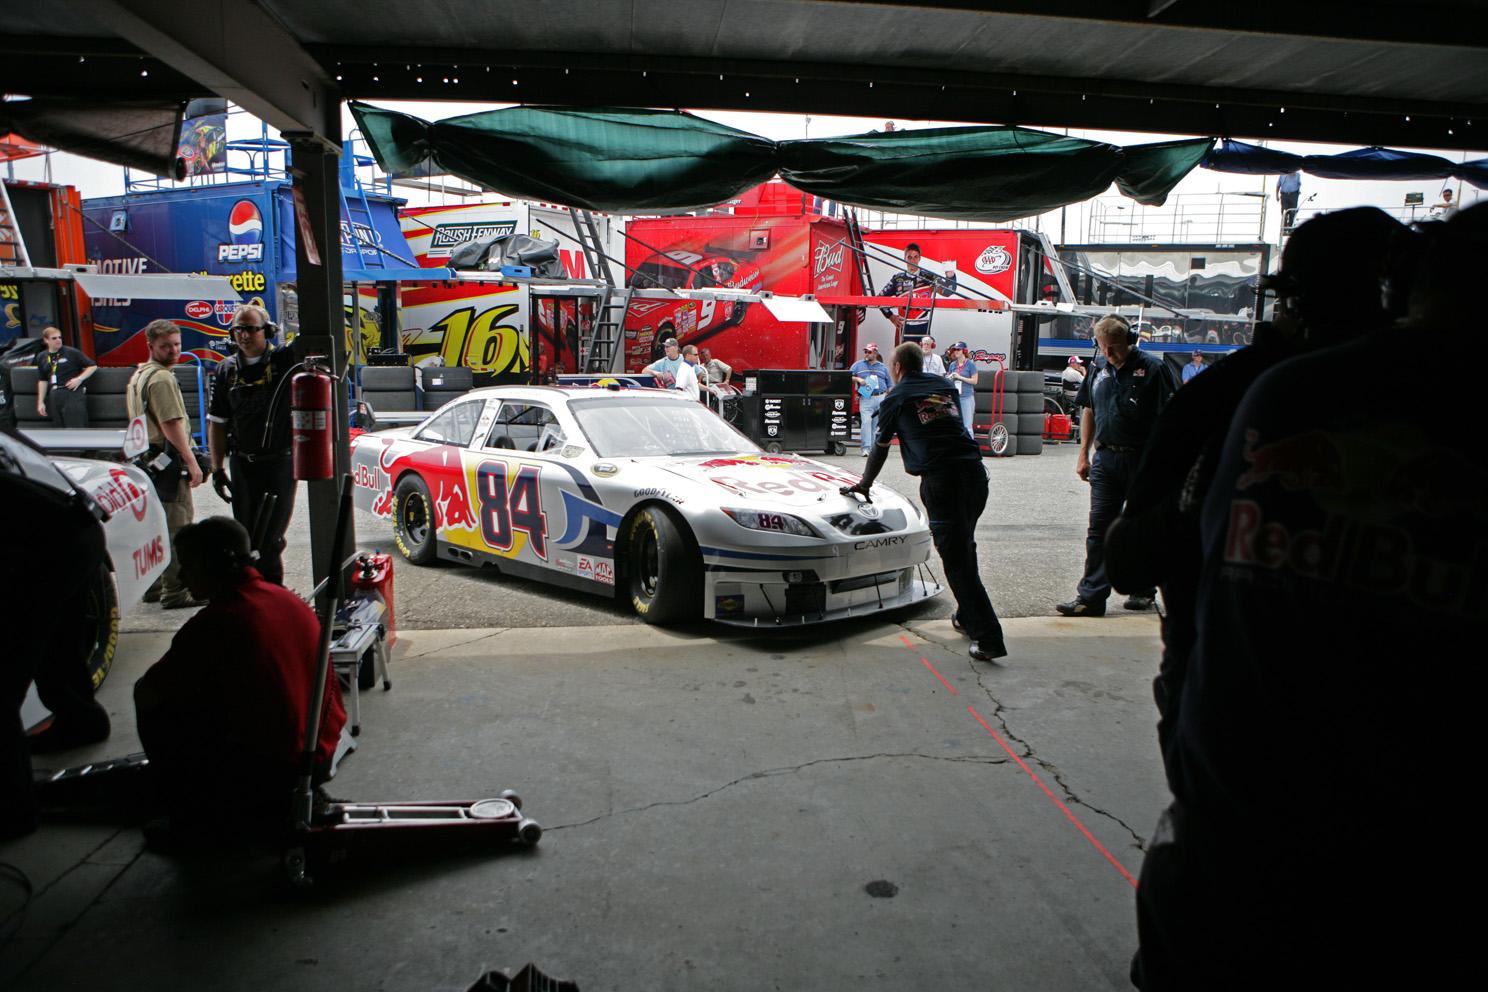 A. J. Allmendinger's Team Red Bull Car